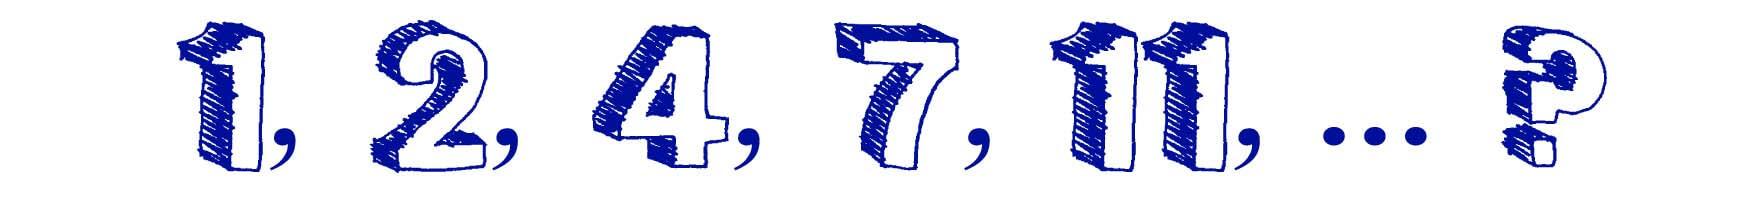 Giochi matematici - Successioni numeriche